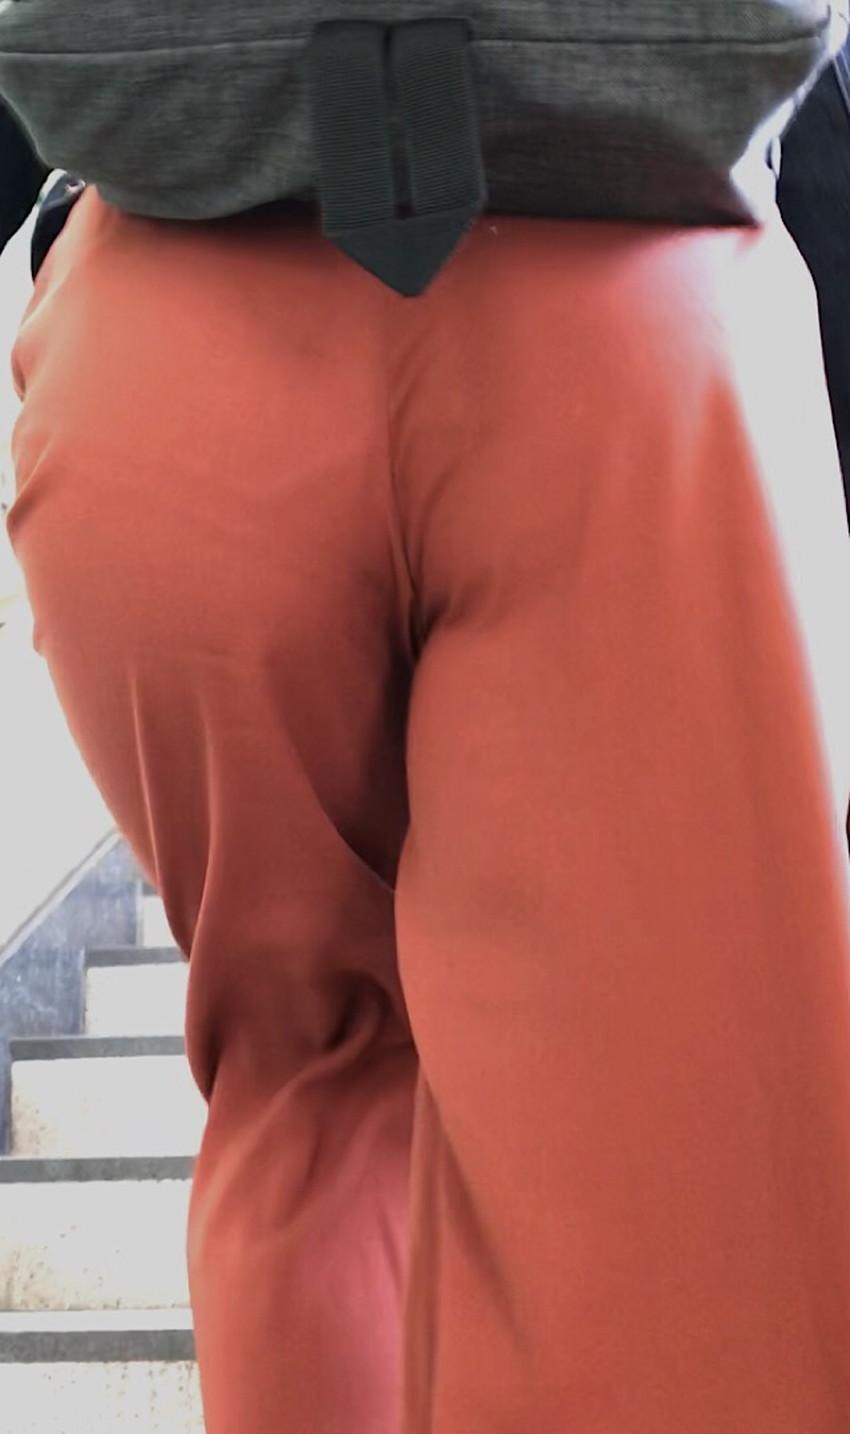 【ガウチョパンツエロ画像】街中で透けパンやパンティーラインが盗撮できちゃうガウチョパンツのエロ画像集ww!w【80枚】 34